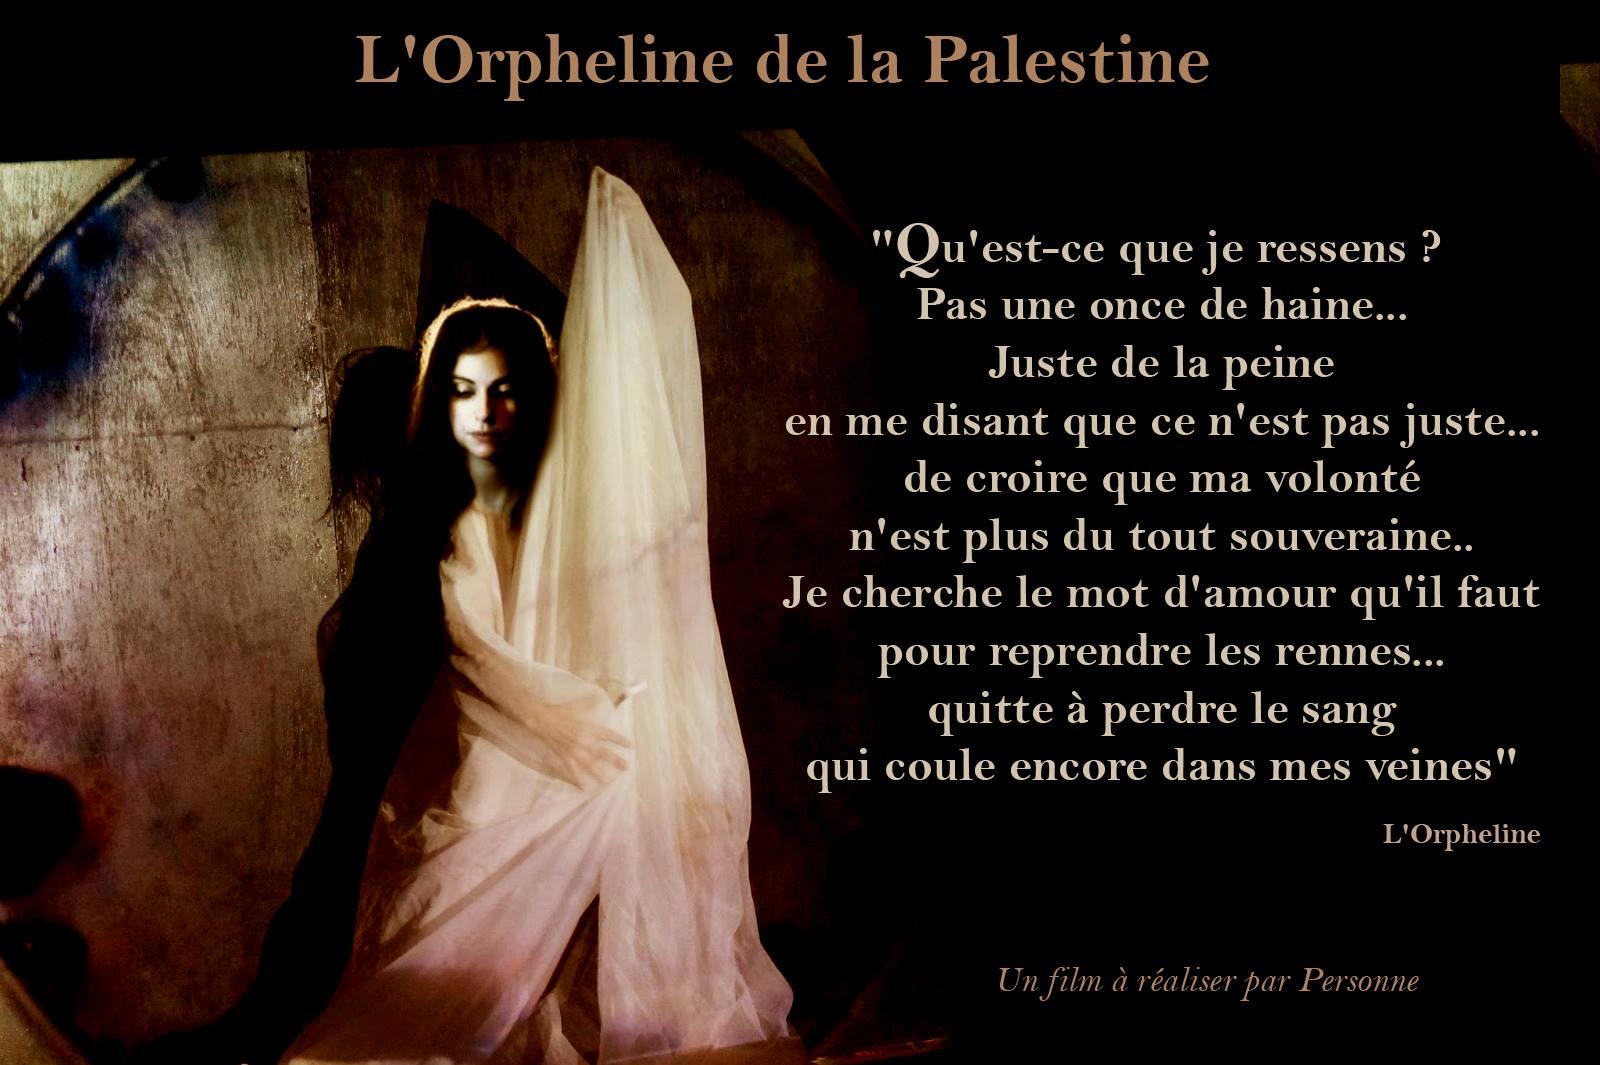 photographie affiche film L'orpheline de la Palestine avec Personne en tenue blanche